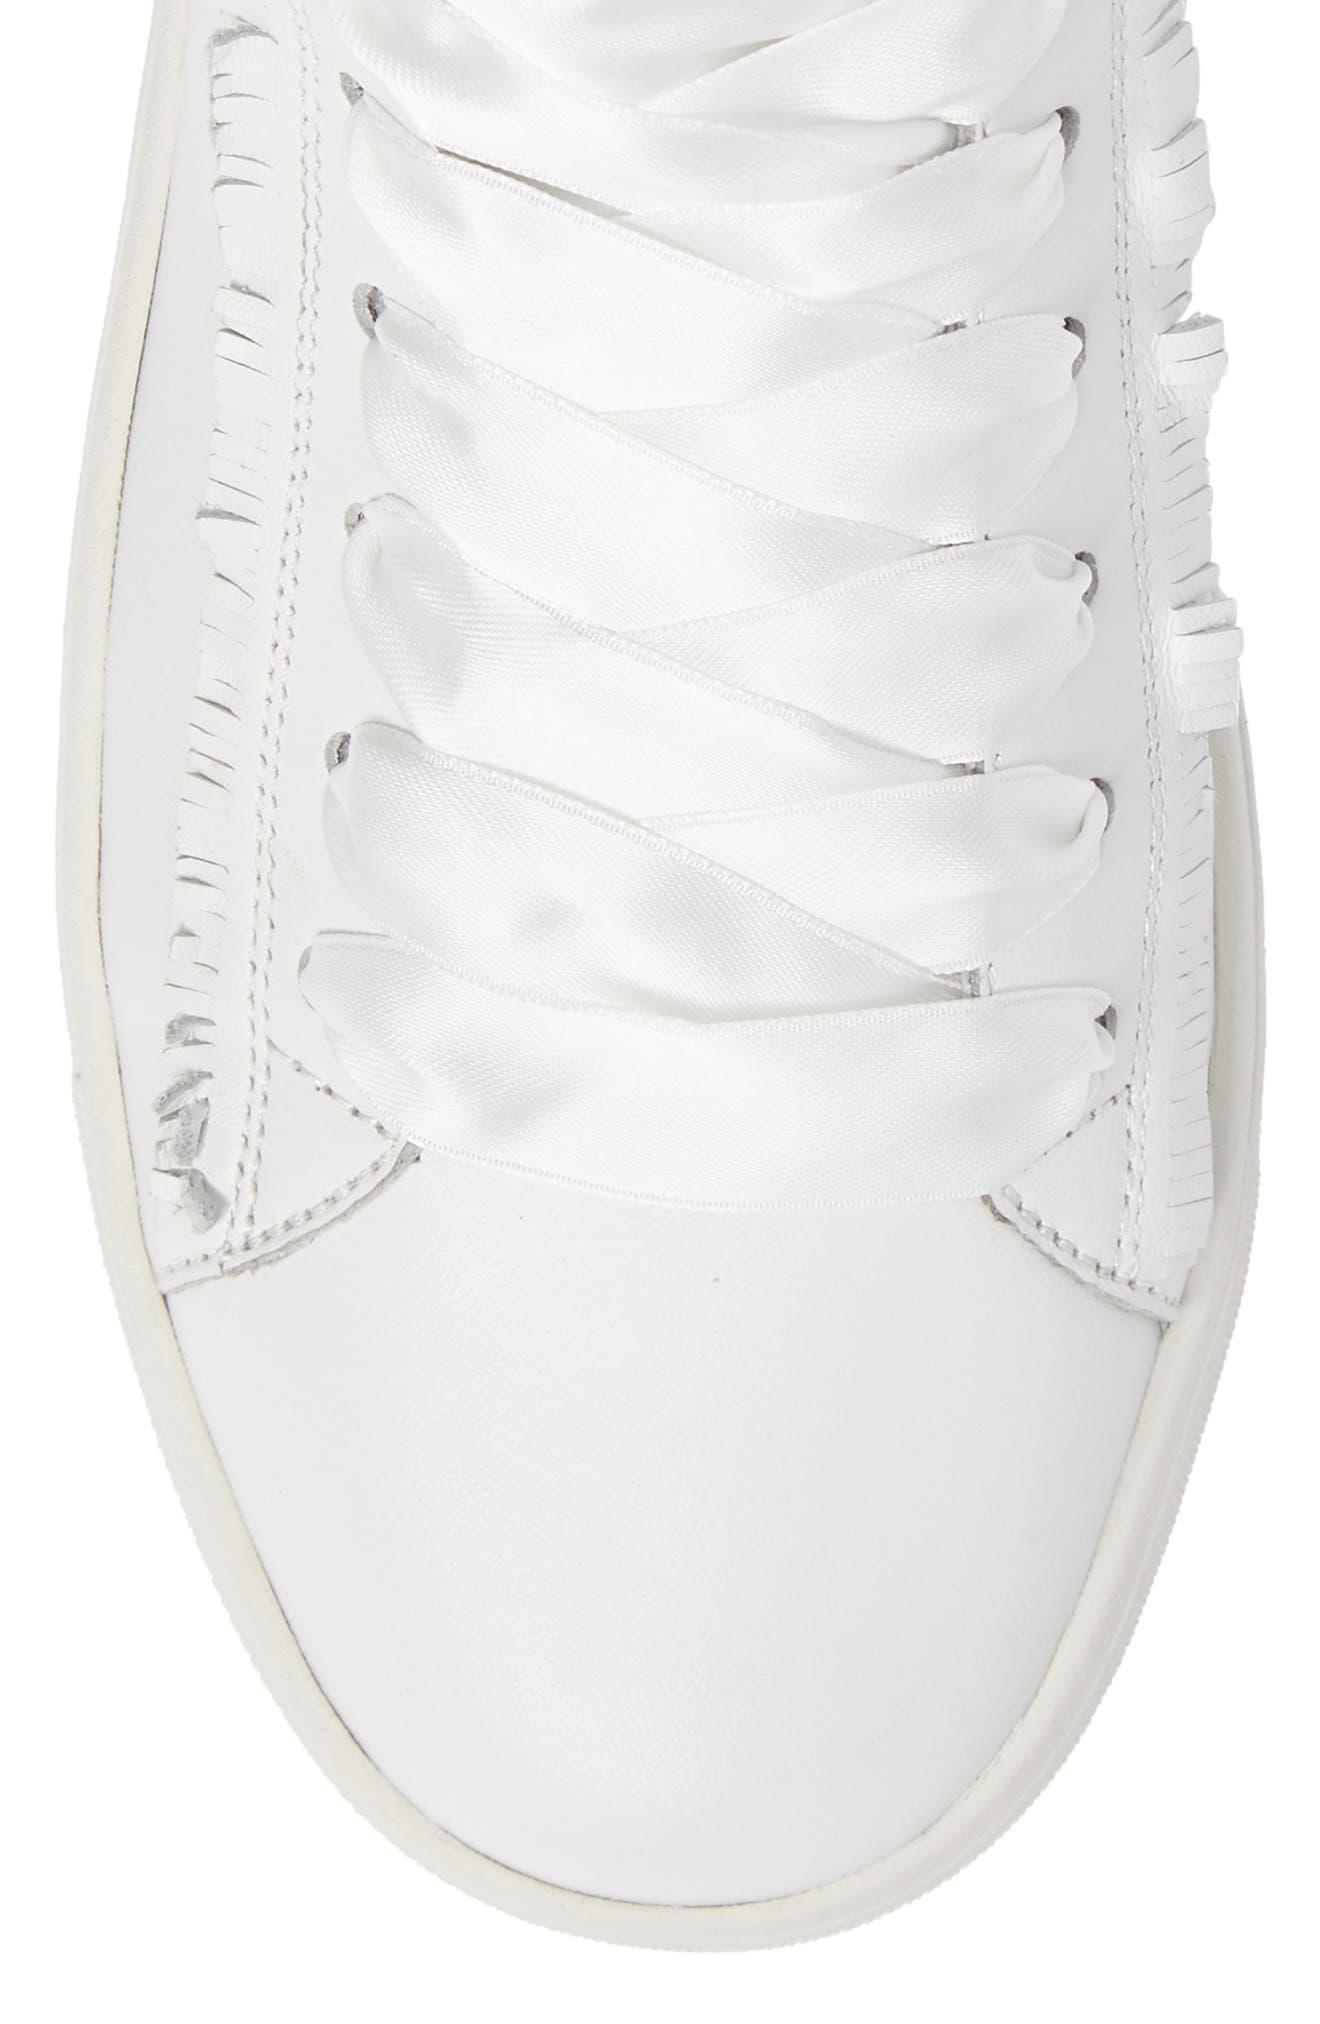 Kennel & Schmenger Town Flower High Top Sneaker,                             Alternate thumbnail 5, color,                             White